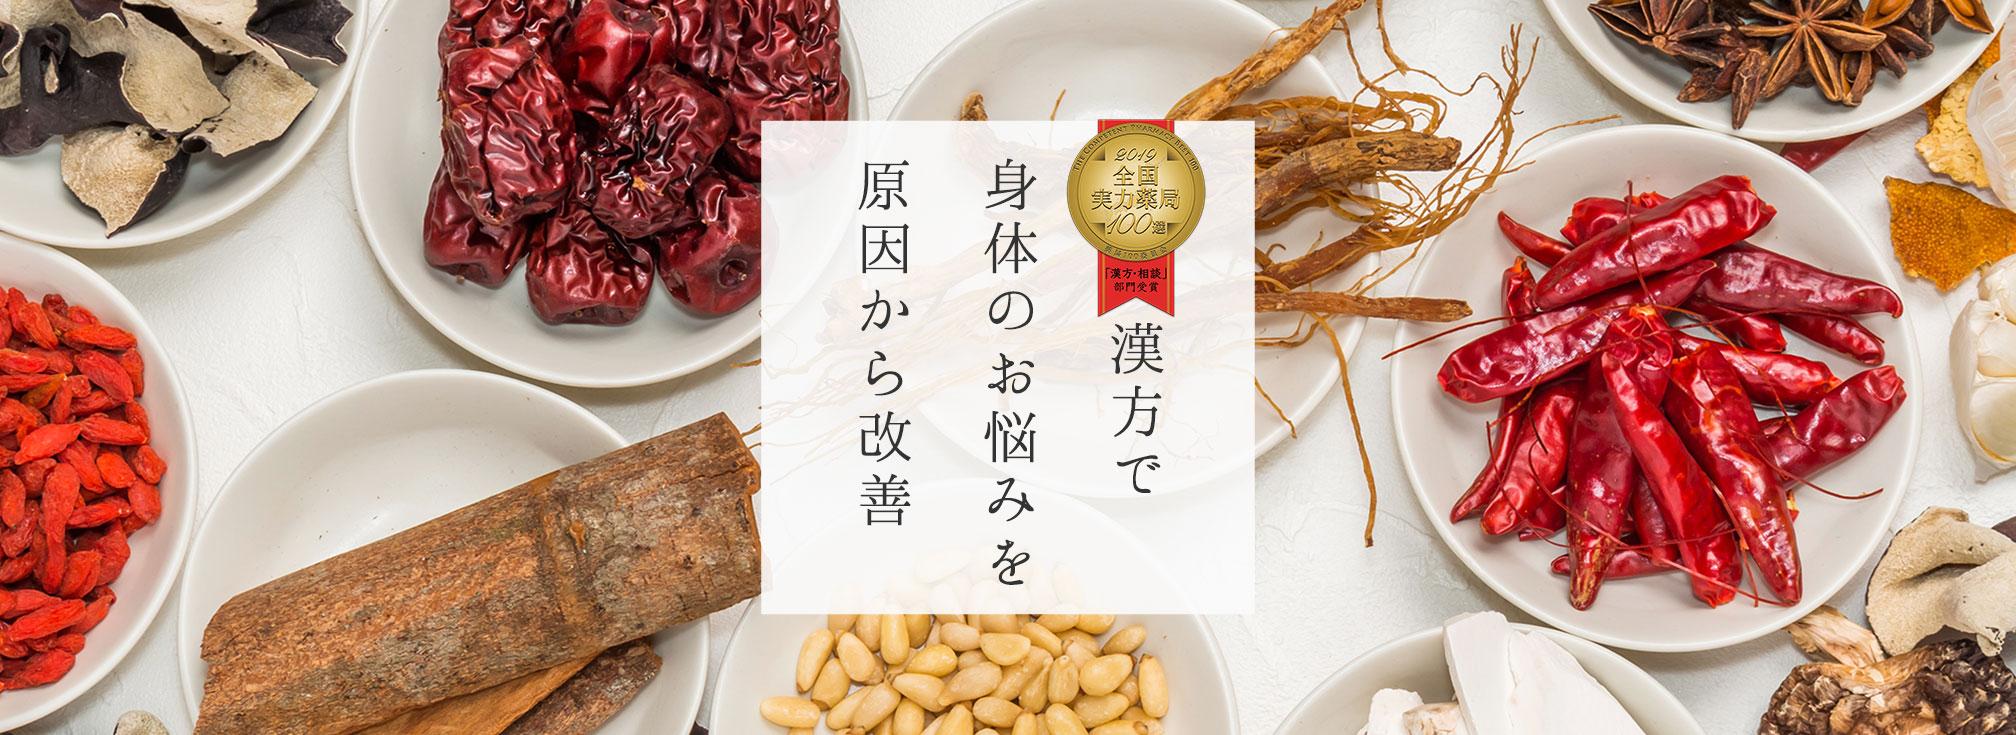 不妊漢方専門・福神トシモリ薬局